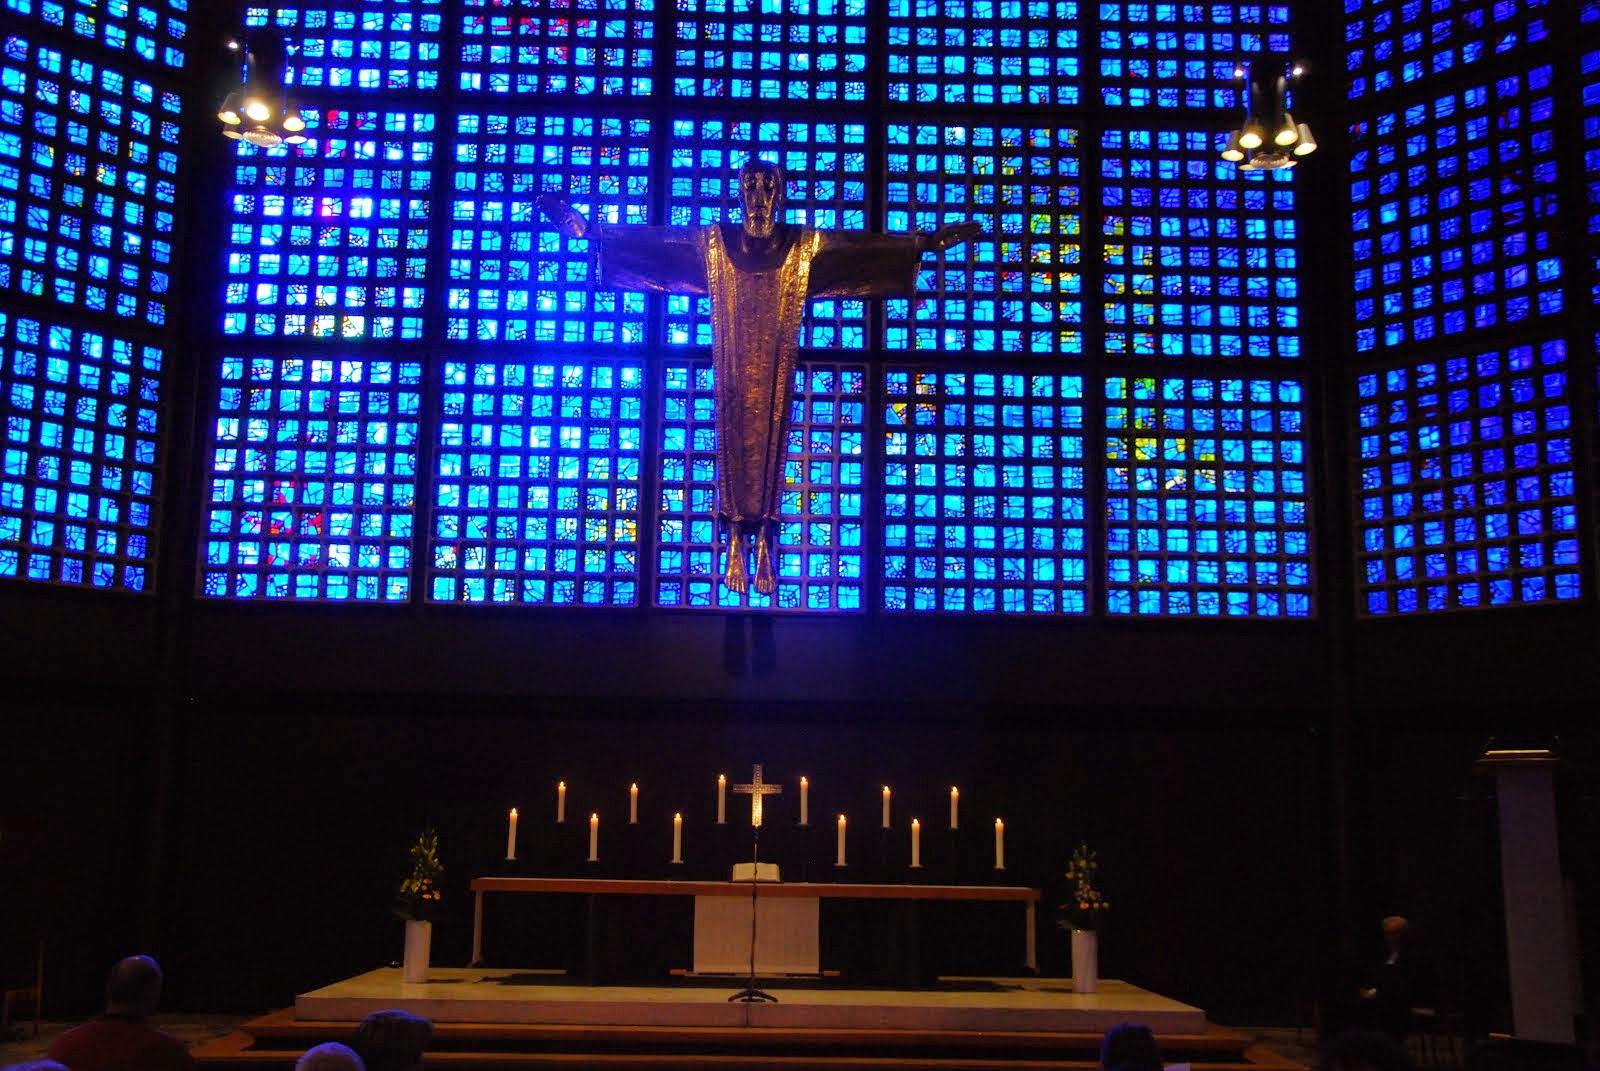 Segnender Christus in der Kaiser-Wilhelm-Gedächtniskirche in Berlin